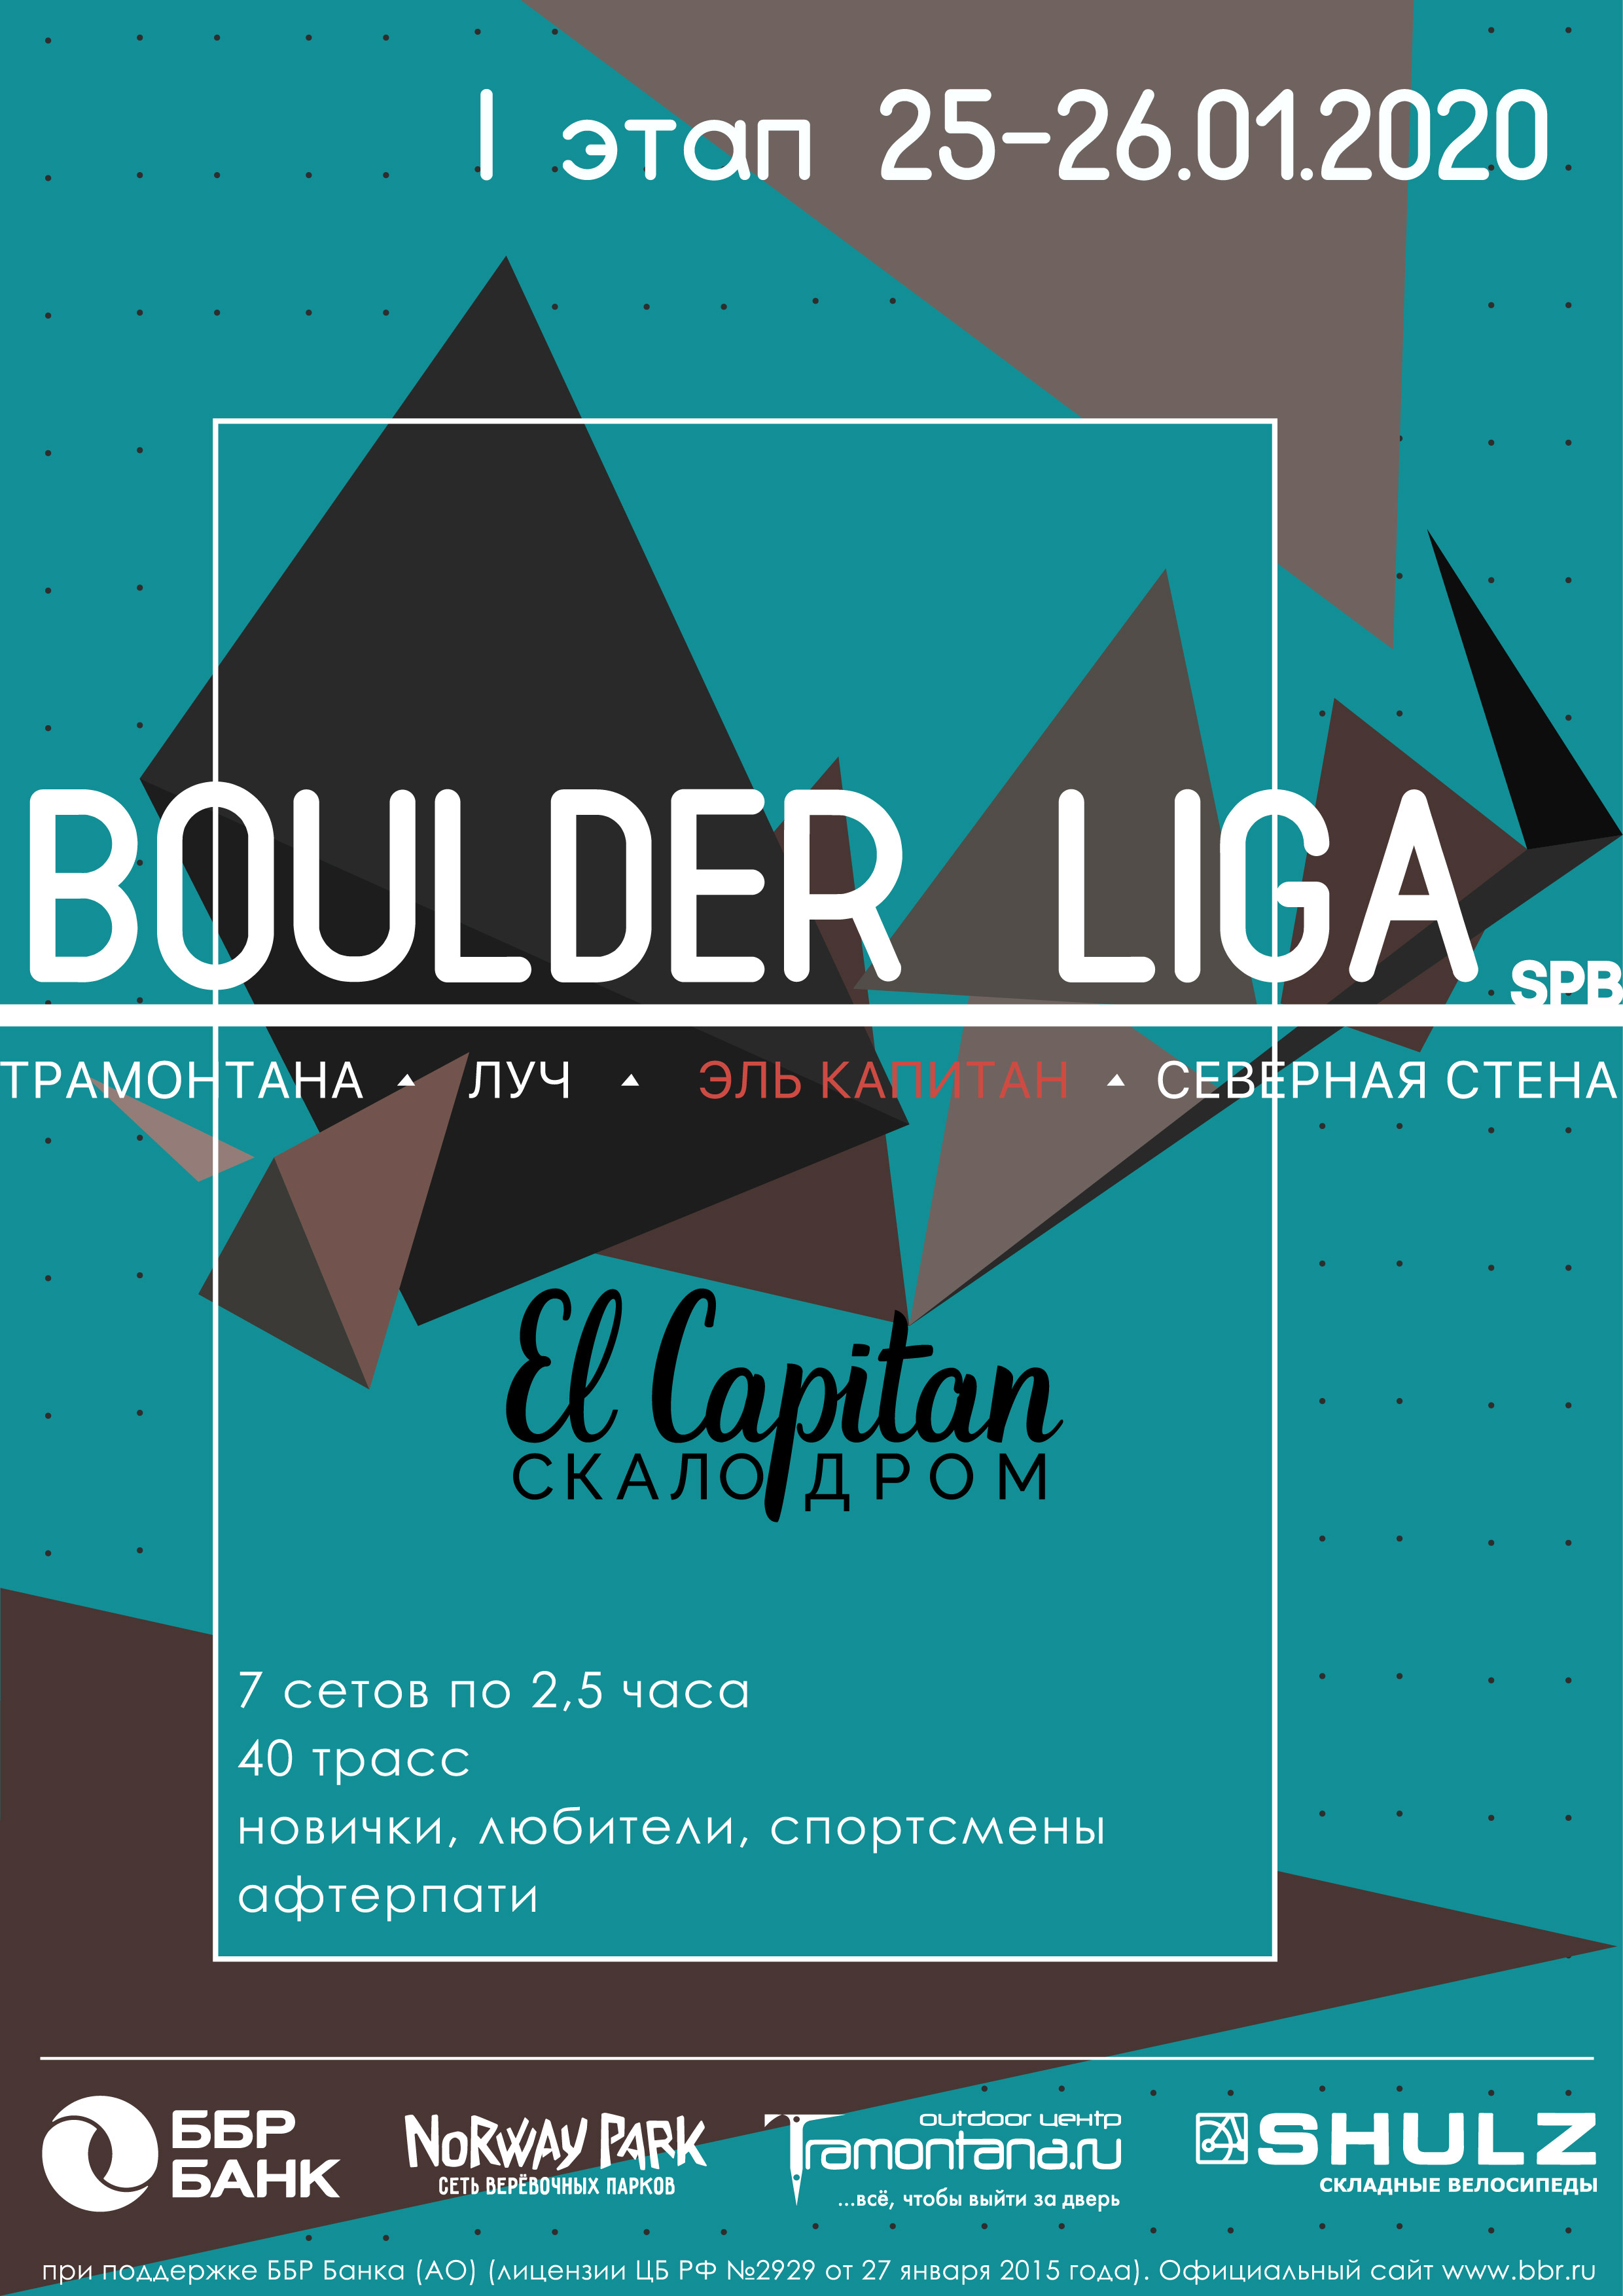 afisha_bolder_liga-01